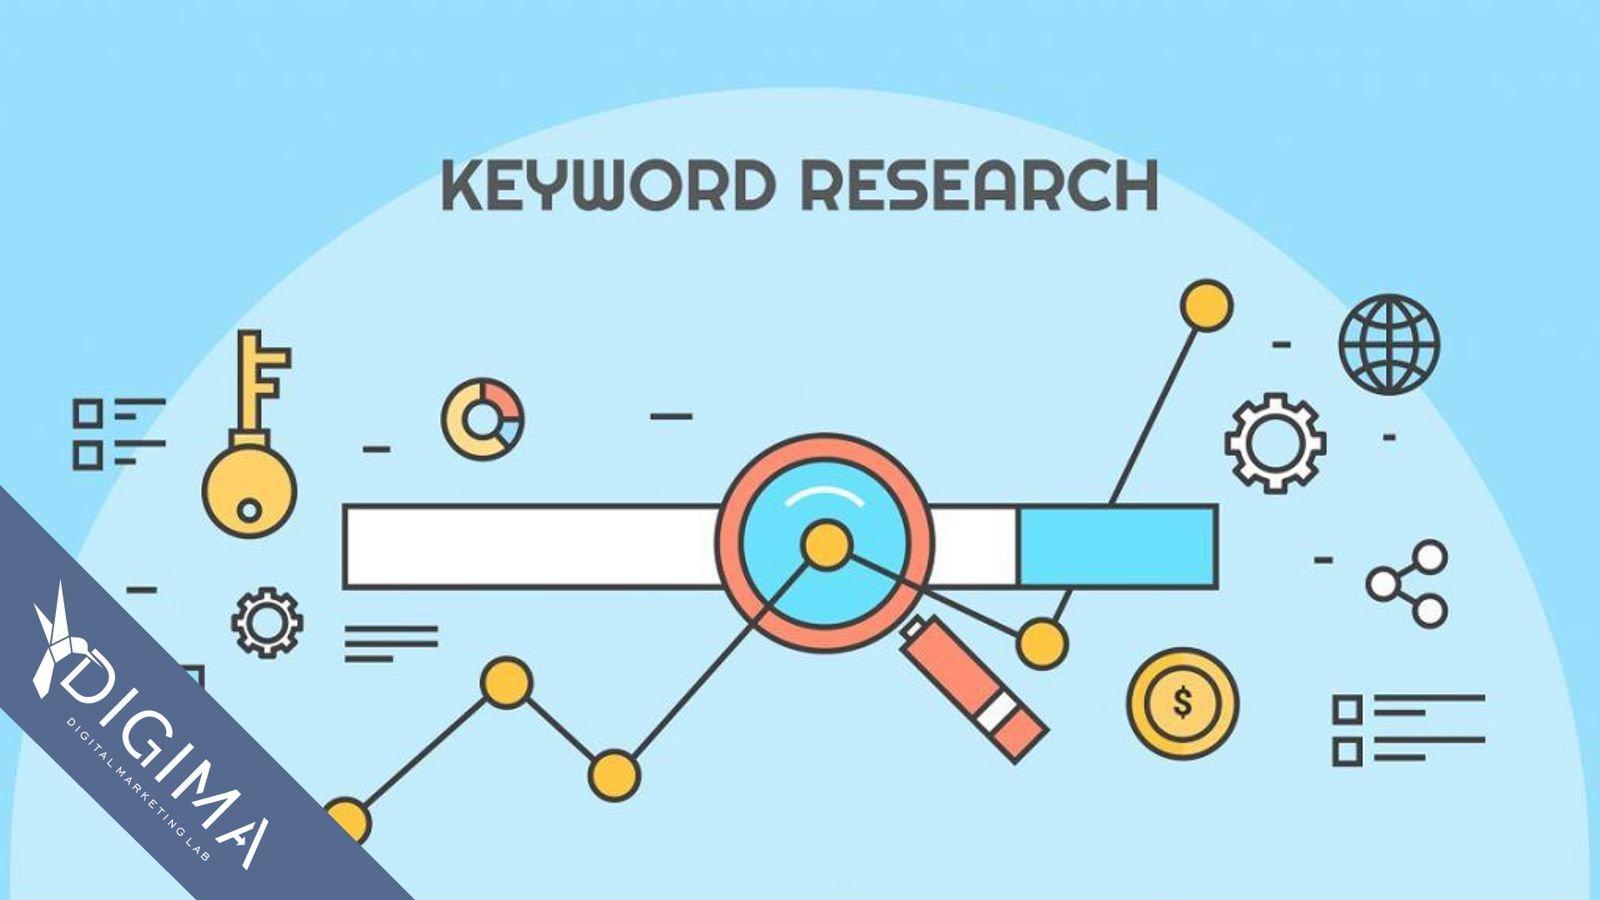 Cosa sono le parole chiave e perché sono importanti?